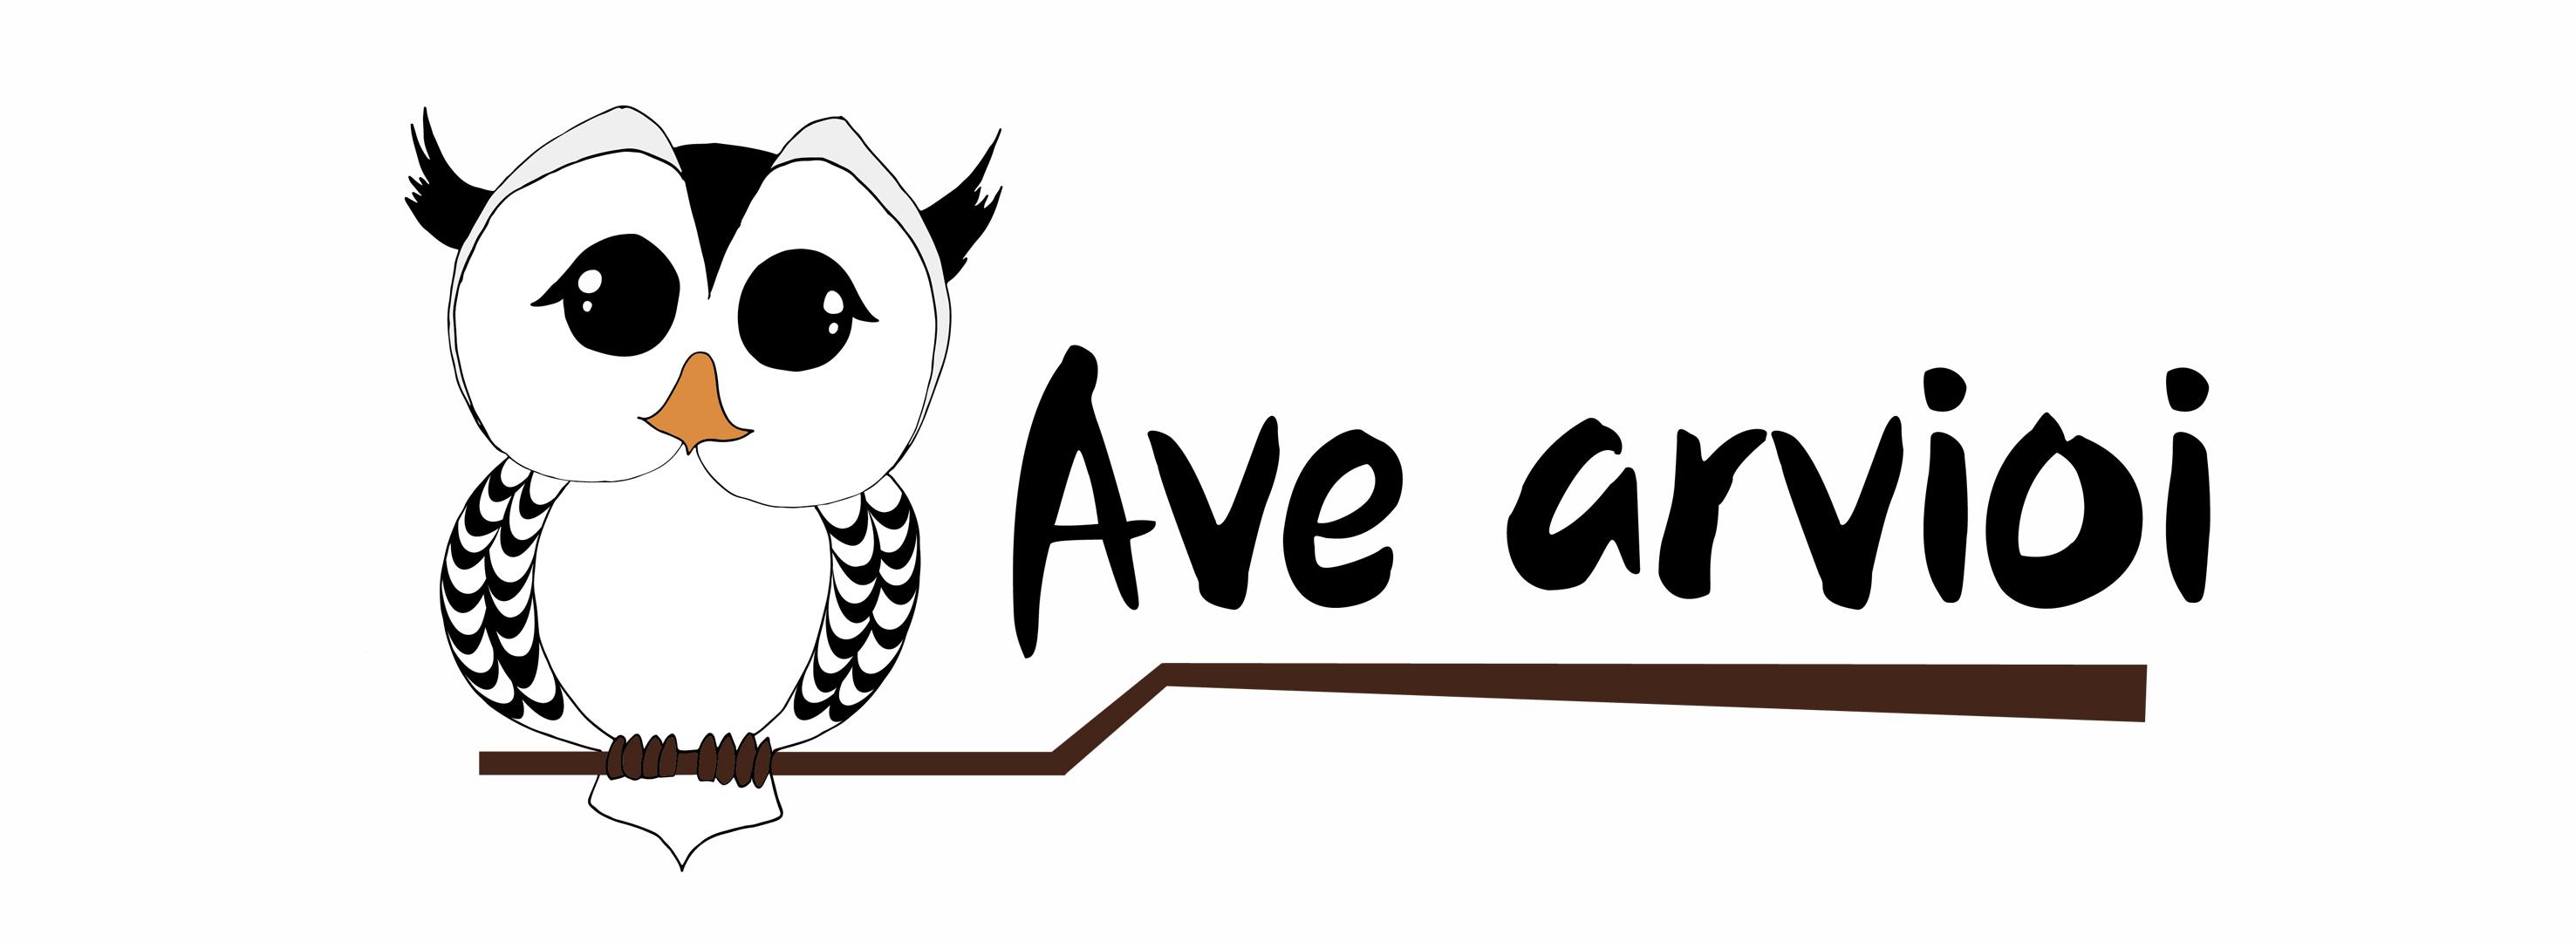 Kuvitus Logo Ave arvioi